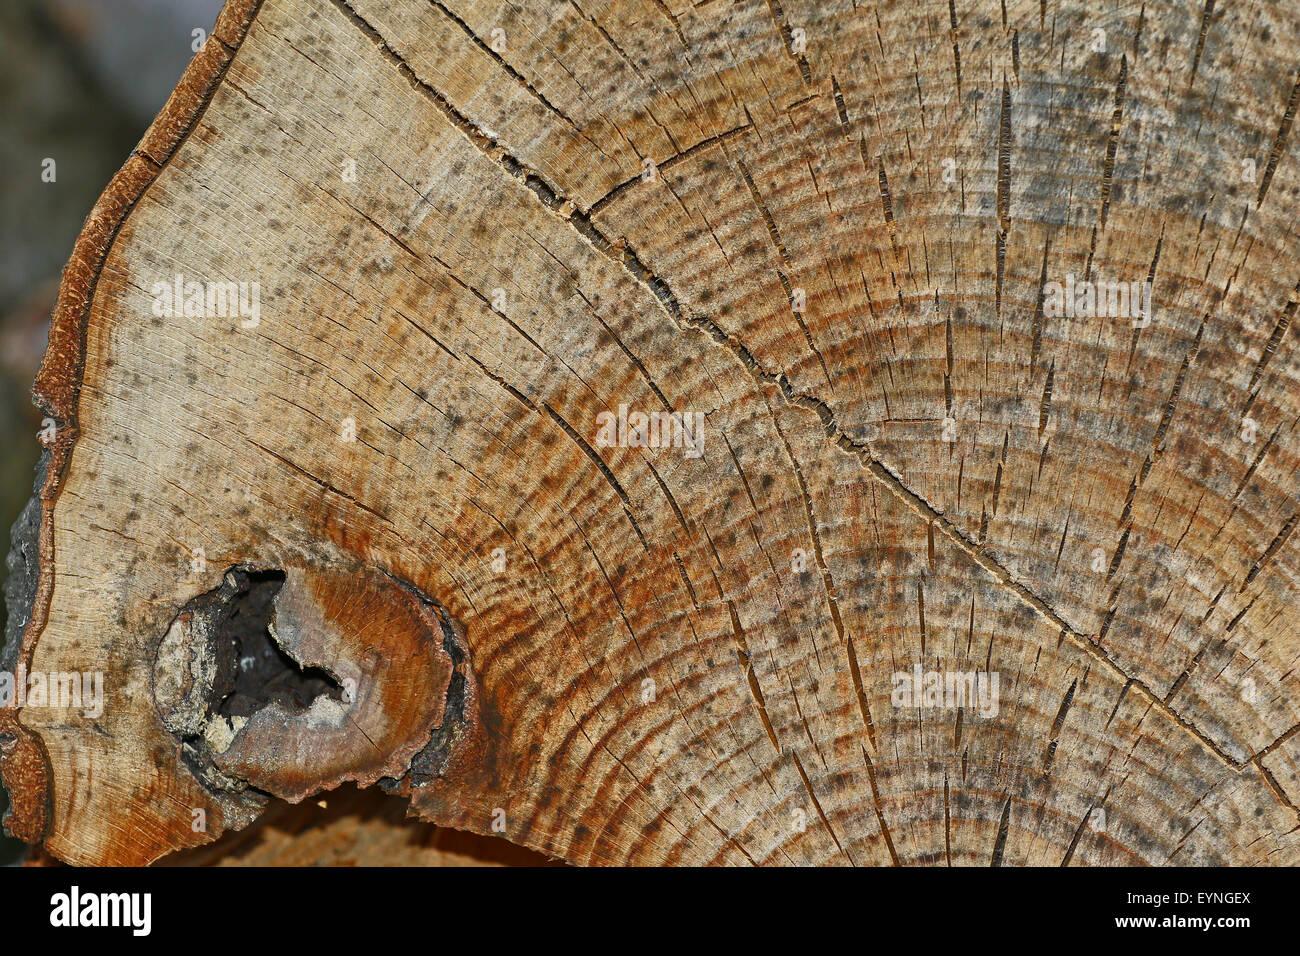 Ein einzigartige alte, verwitterter Abschnitt des Holzes mit gebrochenen Ringen und erstaunlich detaillierte Textur Stockbild